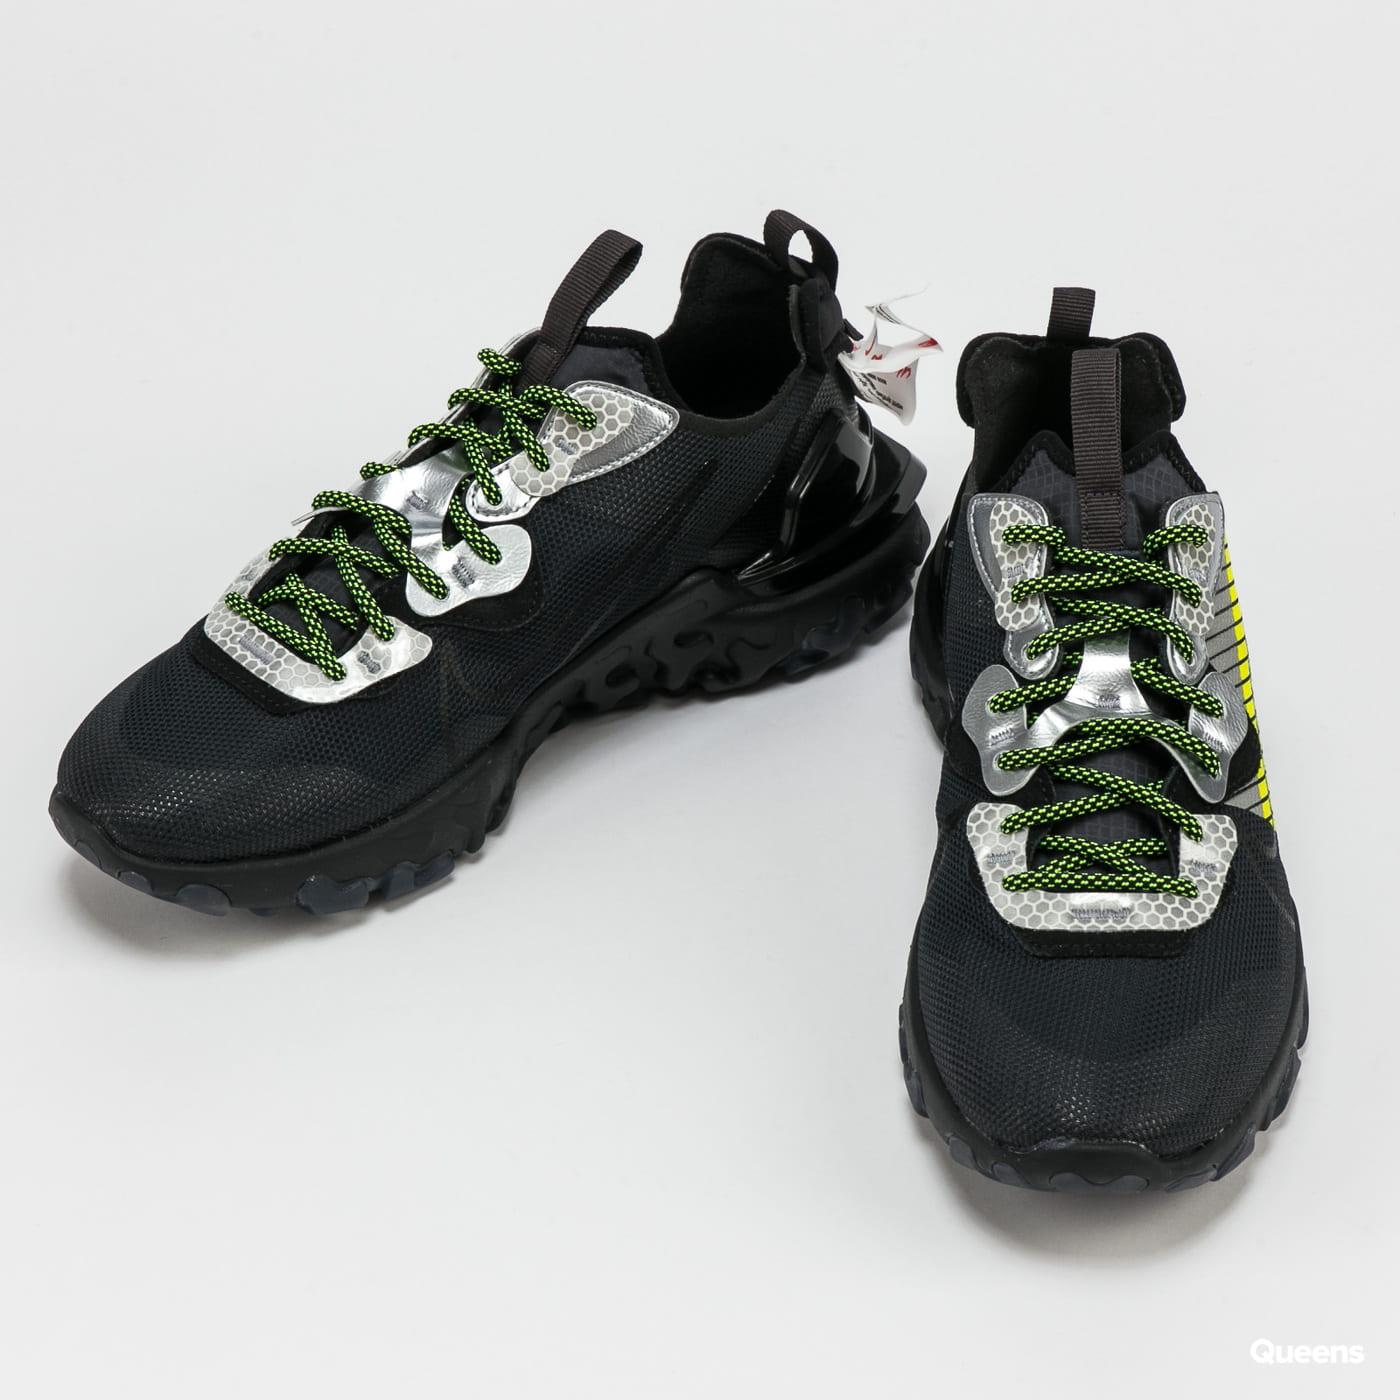 Nike React Vision Premium 3M anthracite / black - volt